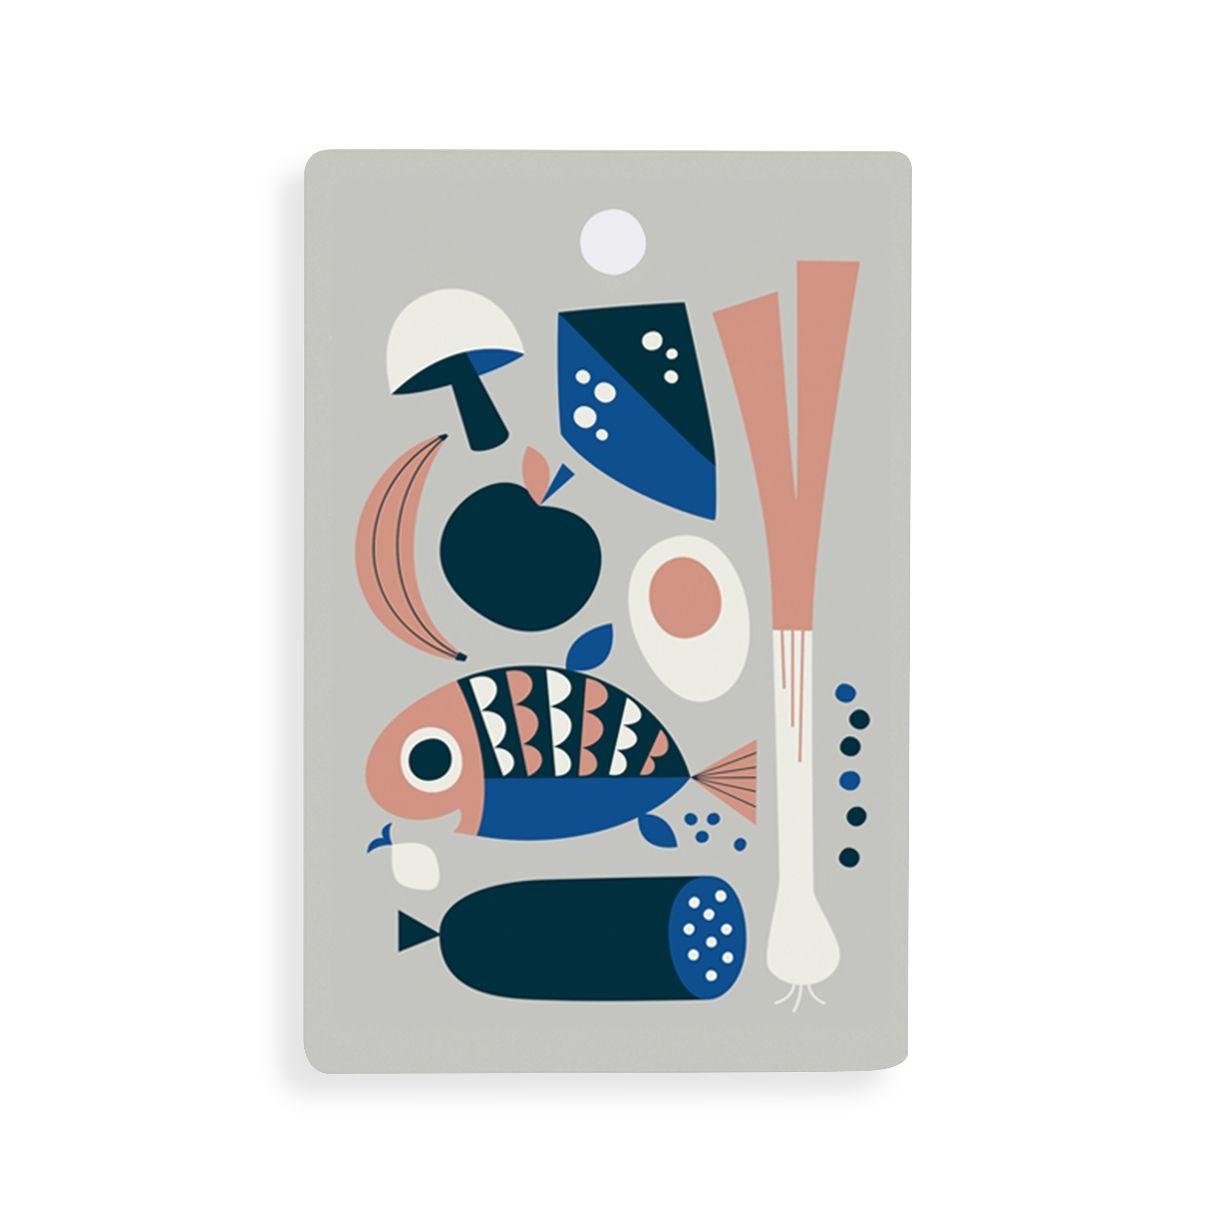 Articolo: FERM5426_Parent skuIl coloratissimo tagliere Grocery di Ferm Living e' utilissimo in cucina e sulla tavola. Caratterizzato da una grafica retro', questo prodotto e' ideale per tagliare e servire con eleganza. Puo' essere anche utilizzato come vassoio o sottopentola, ed e' adatto al lavaggio in lavastoviglie. Ogni tagliere e' realizzato a partire da singoli fogli di legno di betulla scandinava, coltivata in foreste controllate e di prima qualita'.